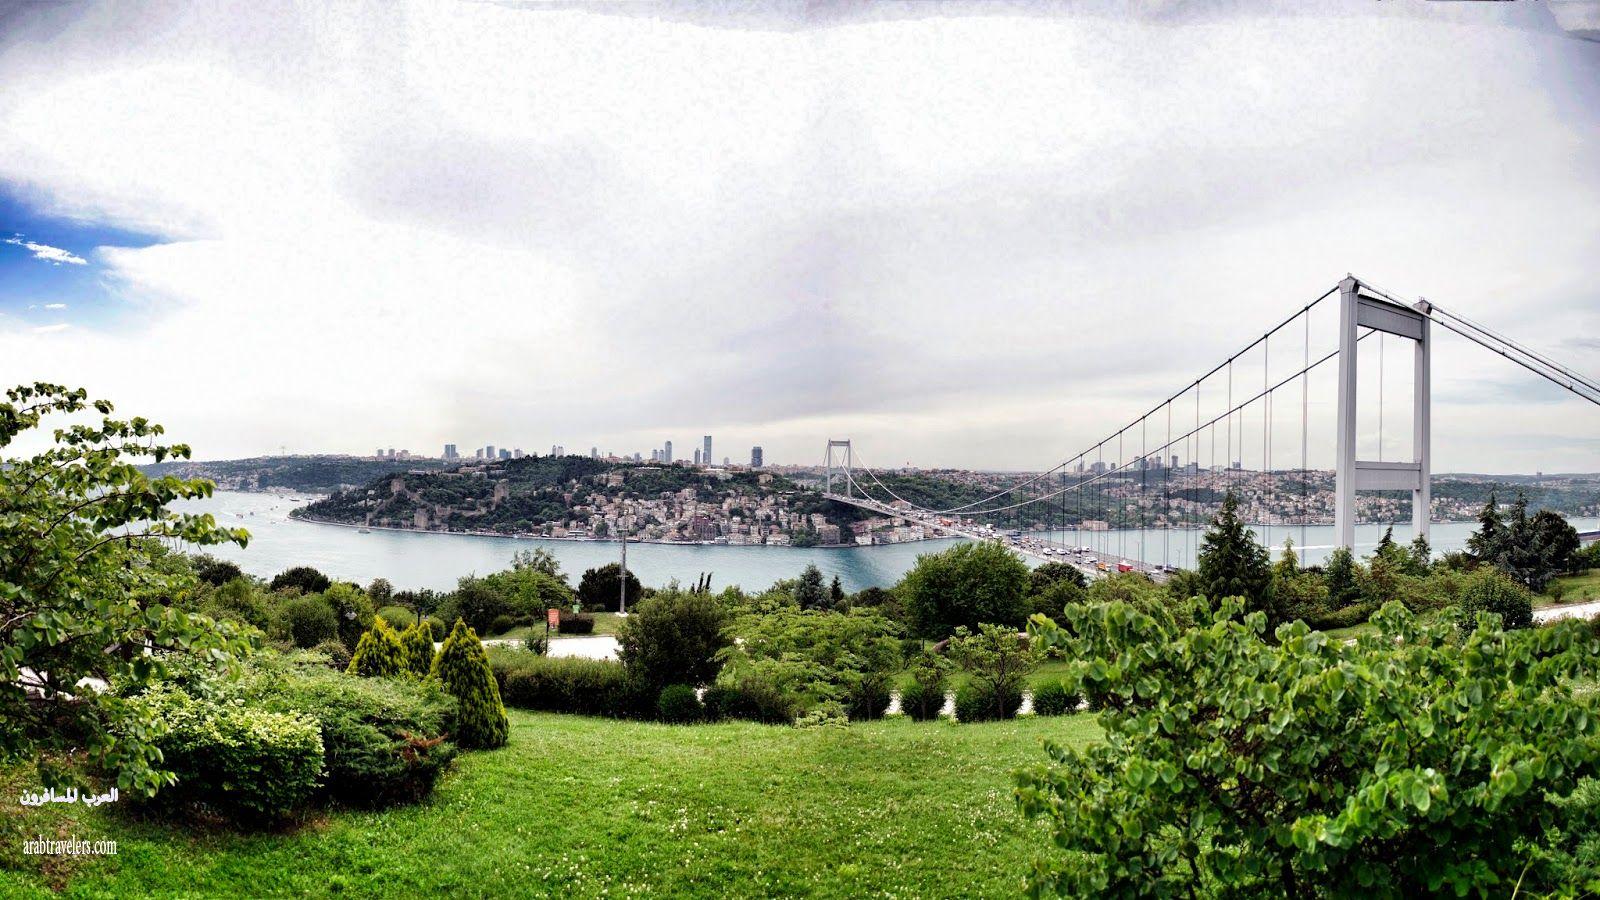 411074 المسافرون العرب اجمل صور حدائق تركيا